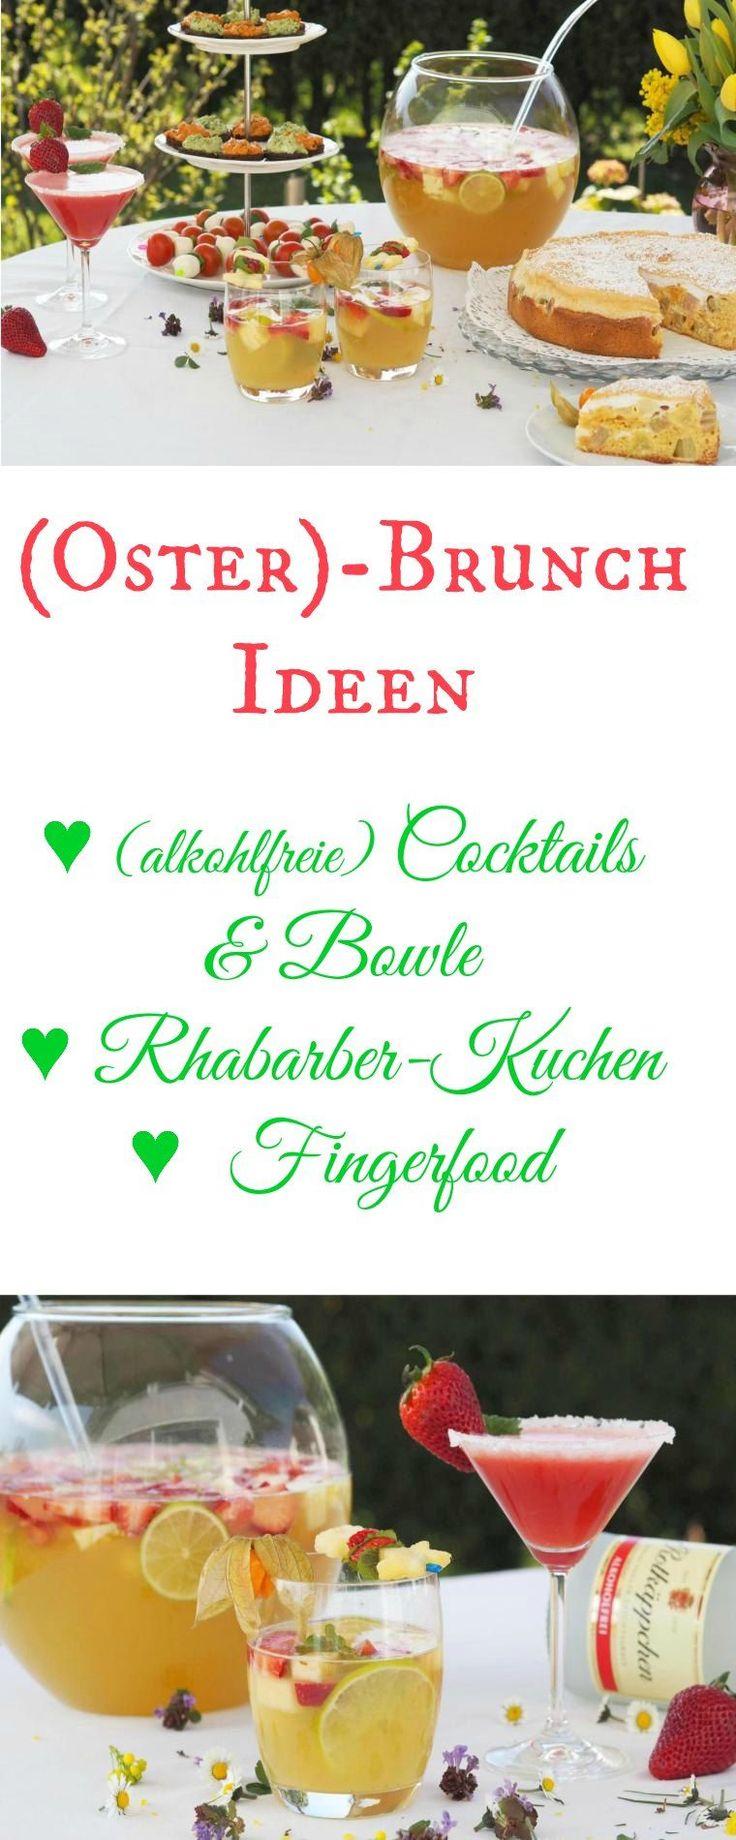 {Werbung} Leckere Ideen für einen (Oster-) Brunch. Toller (alkoholfreier) Cocktai …   – International Food Bloggers United